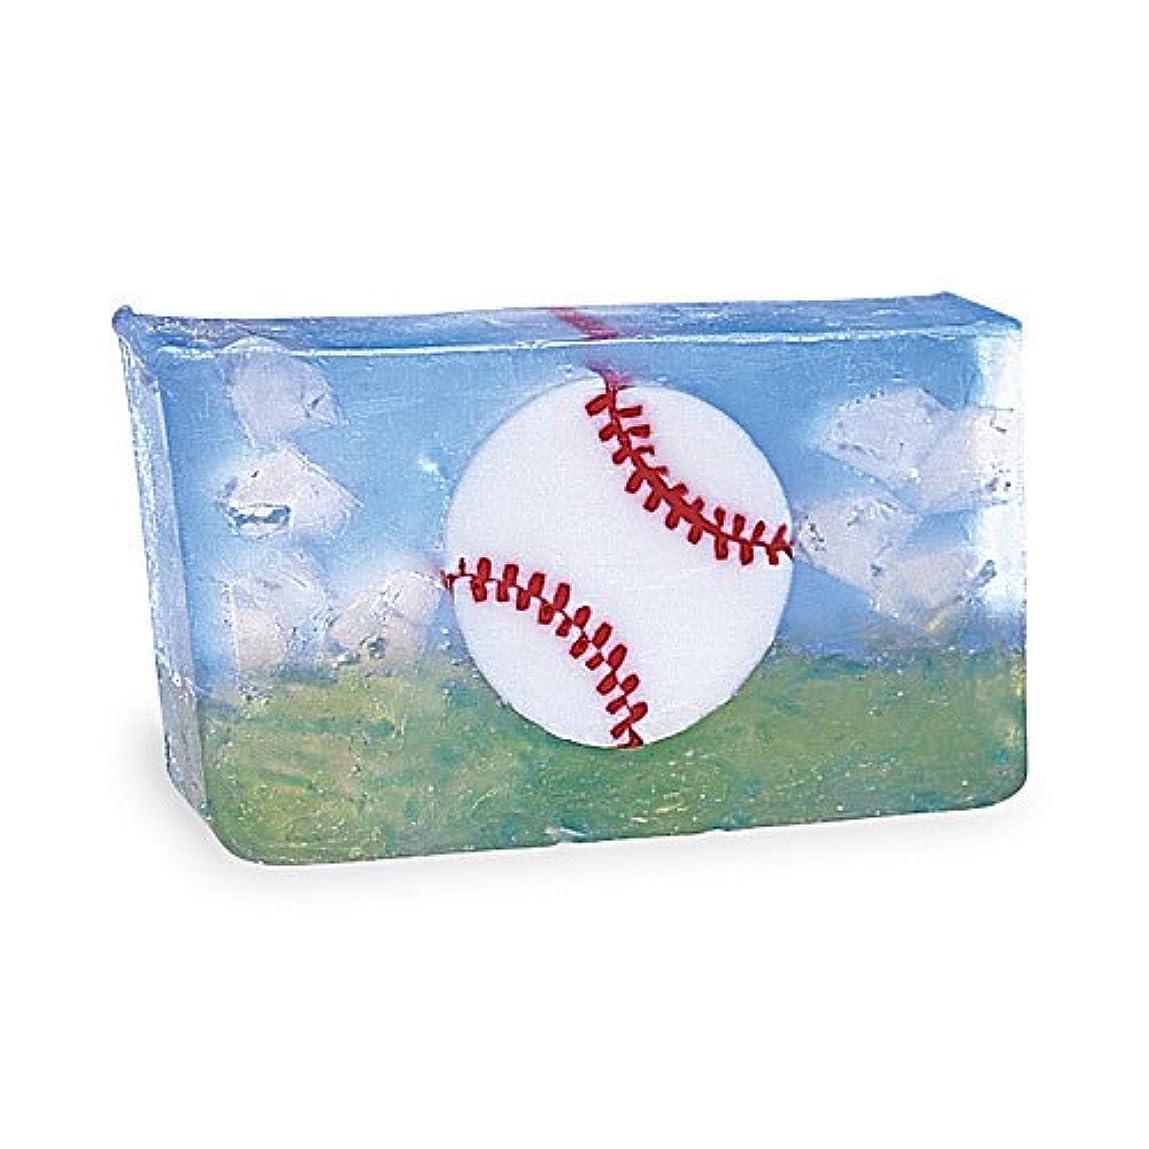 締め切り誇り助けてプライモールエレメンツ アロマティック ソープ ベースボール 180g 植物性 ナチュラル 石鹸 無添加